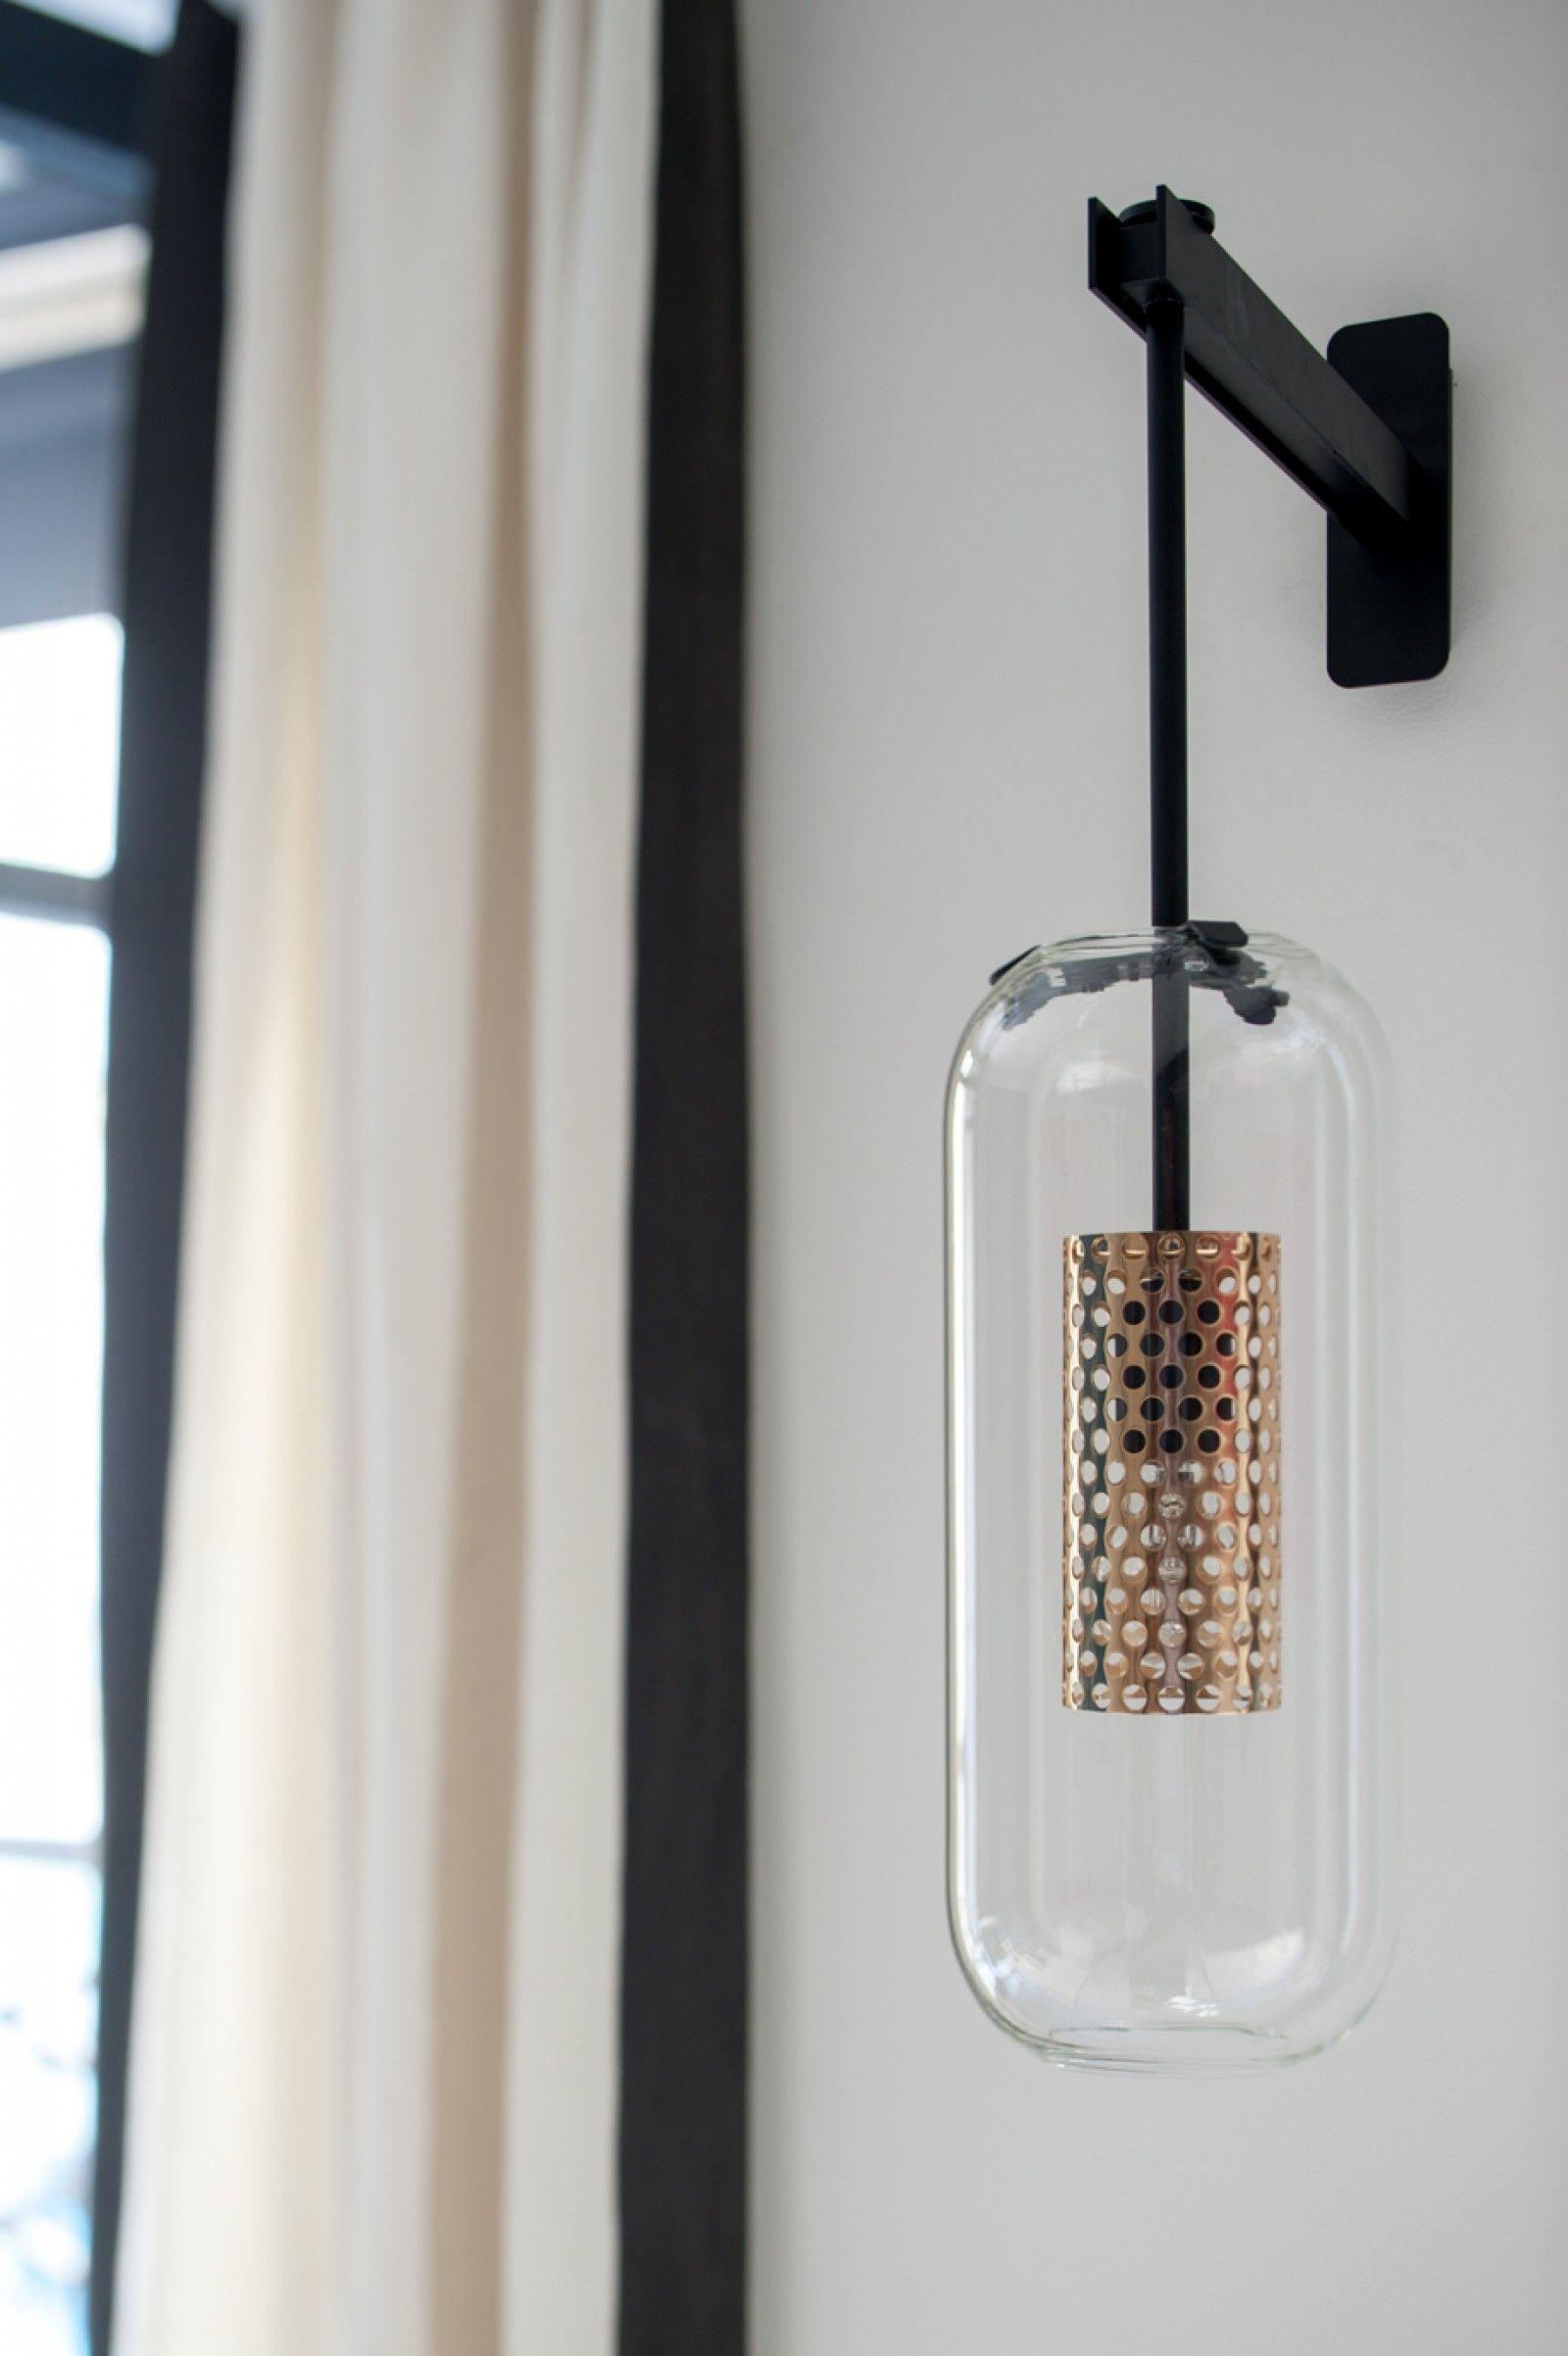 collections sarah lavoine d coration design sarah lavoine plus d 39 articles sur http. Black Bedroom Furniture Sets. Home Design Ideas